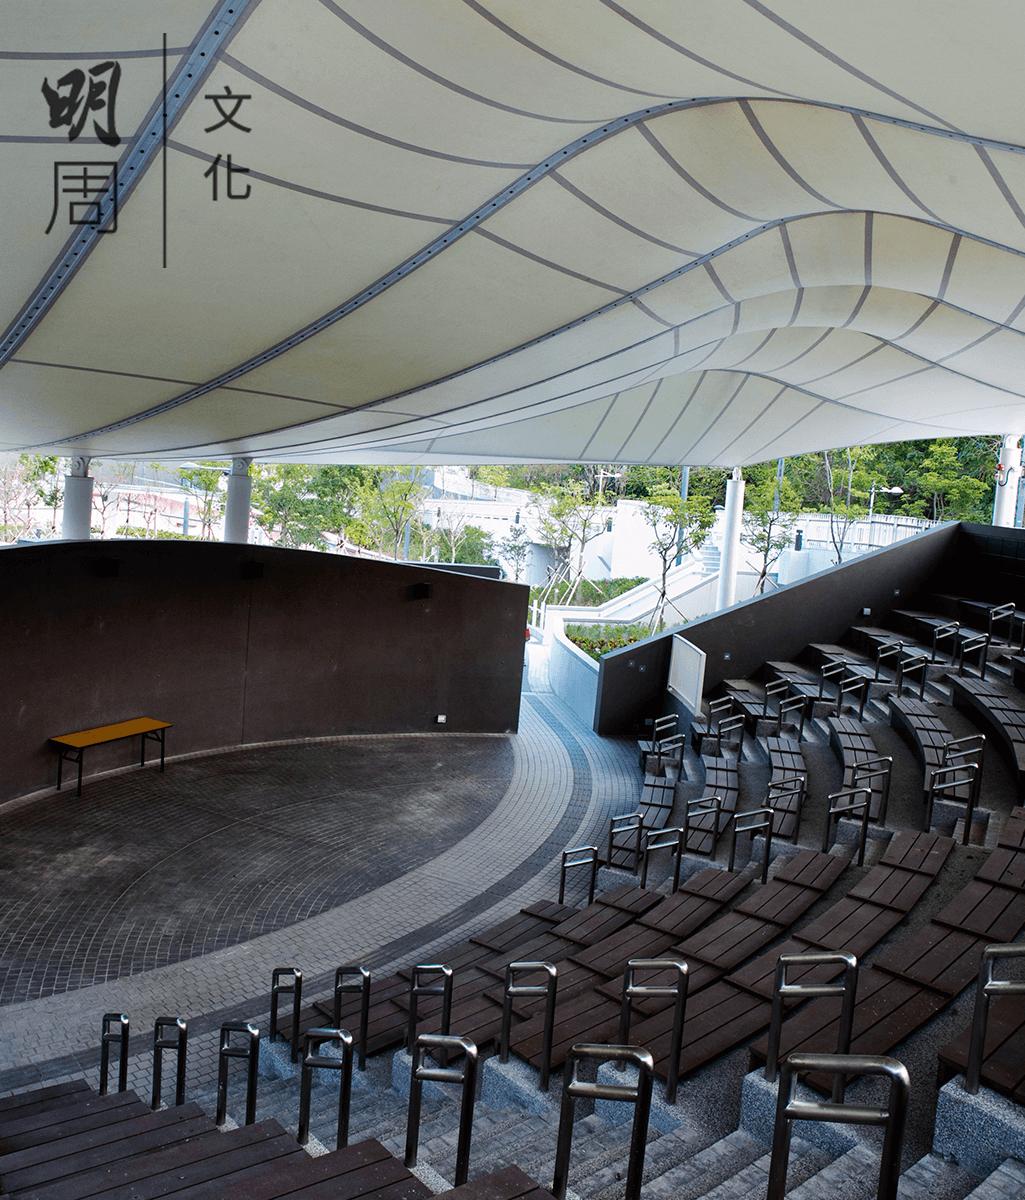 將軍澳市鎮公園的運動場露天劇場, 距離住宅區180米,作為露天表演場地 又不影響居民生活,聲學管理應該怎 樣做呢?天幕可以擋雨又可以隔聲, 表演聲音會從天幕折射到觀眾席,喇 叭都安裝在座位下,座位最末端安裝了吸音板,外面則是石屎隔聲屏障。